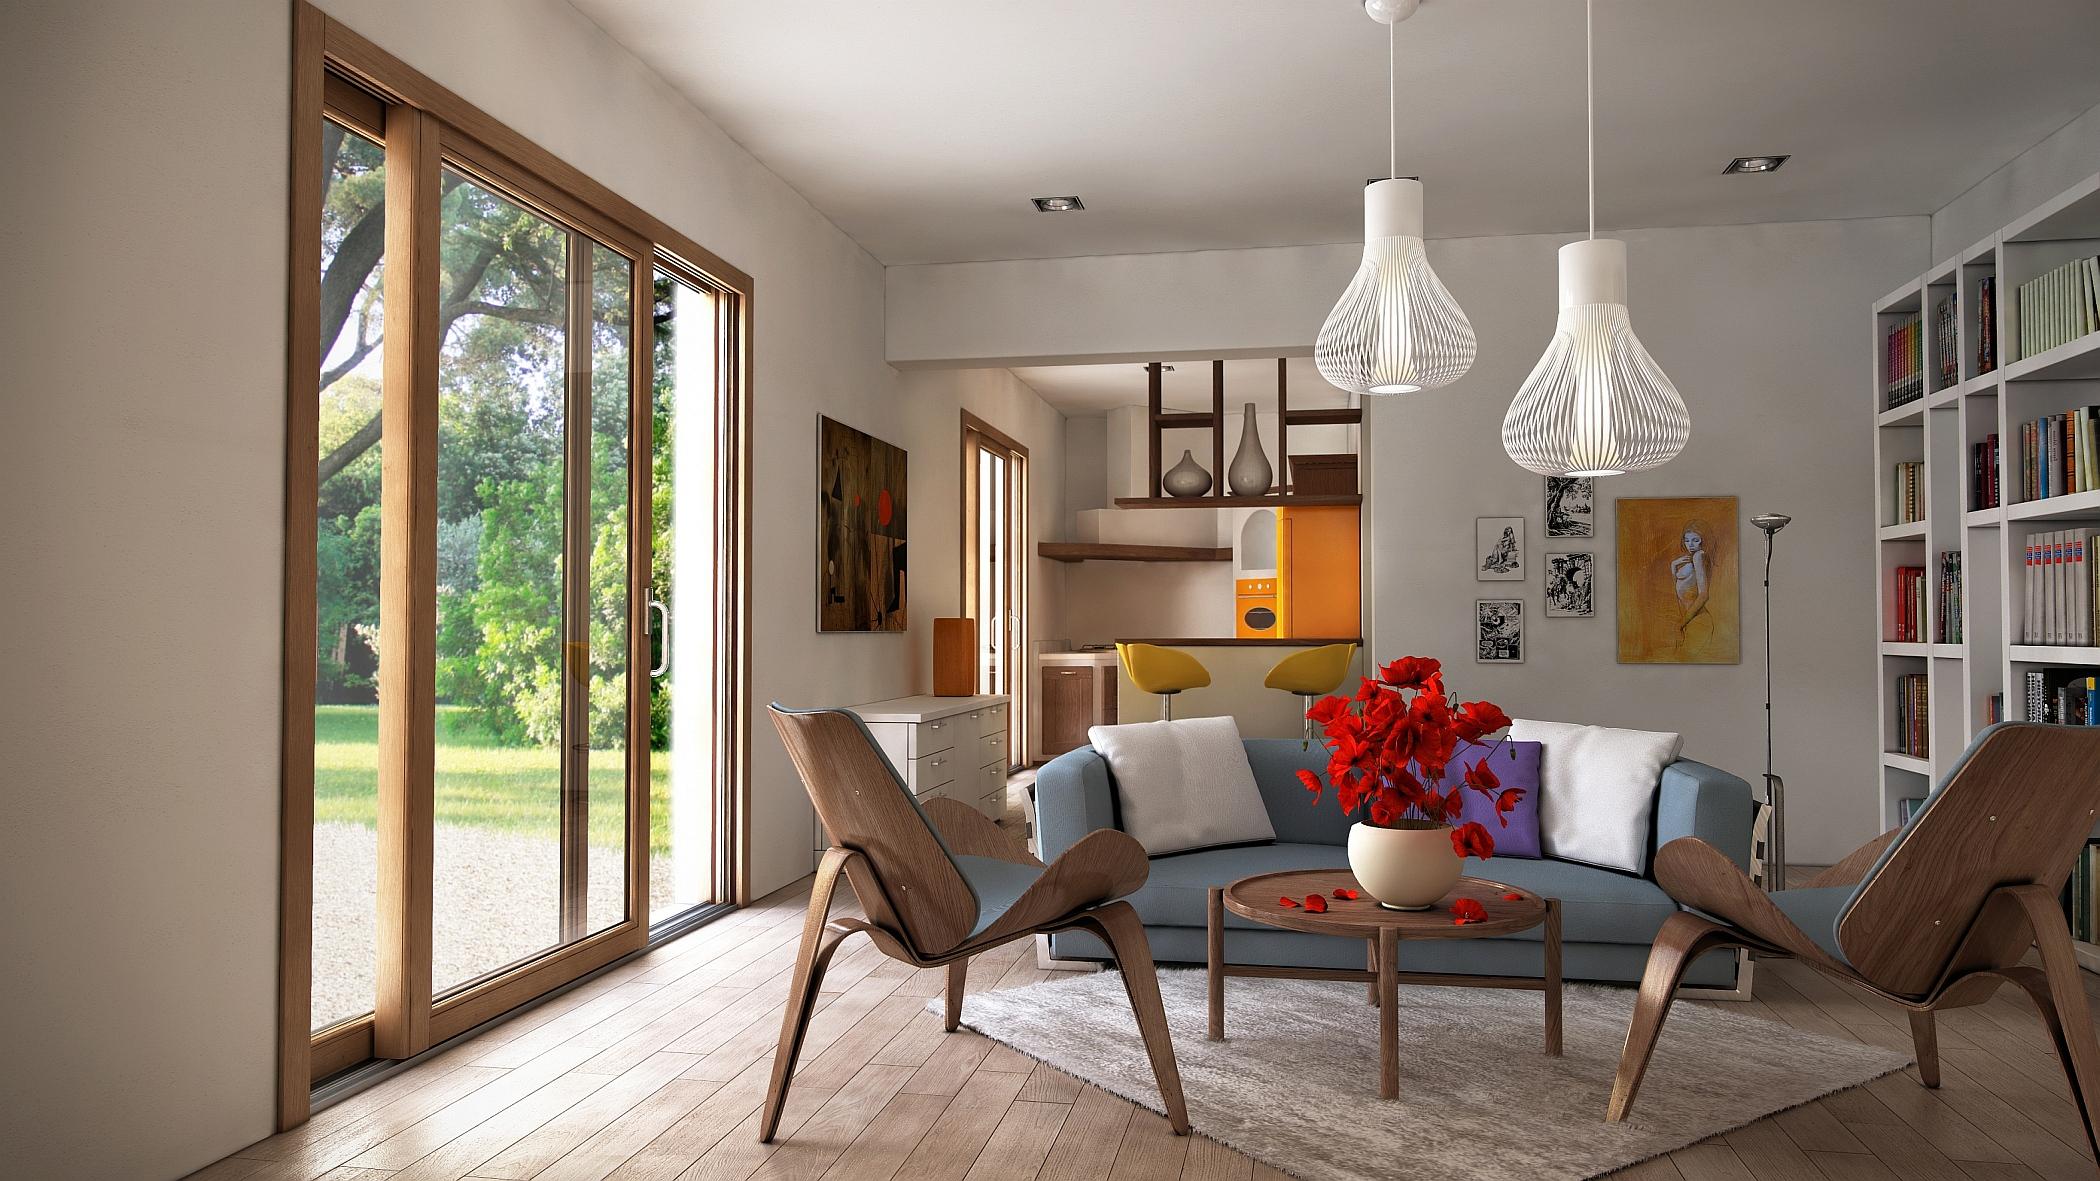 Nuovo sistema per alzanti scorrevoli alluminio legno dalle for Dimensioni finestre velux nuova costruzione